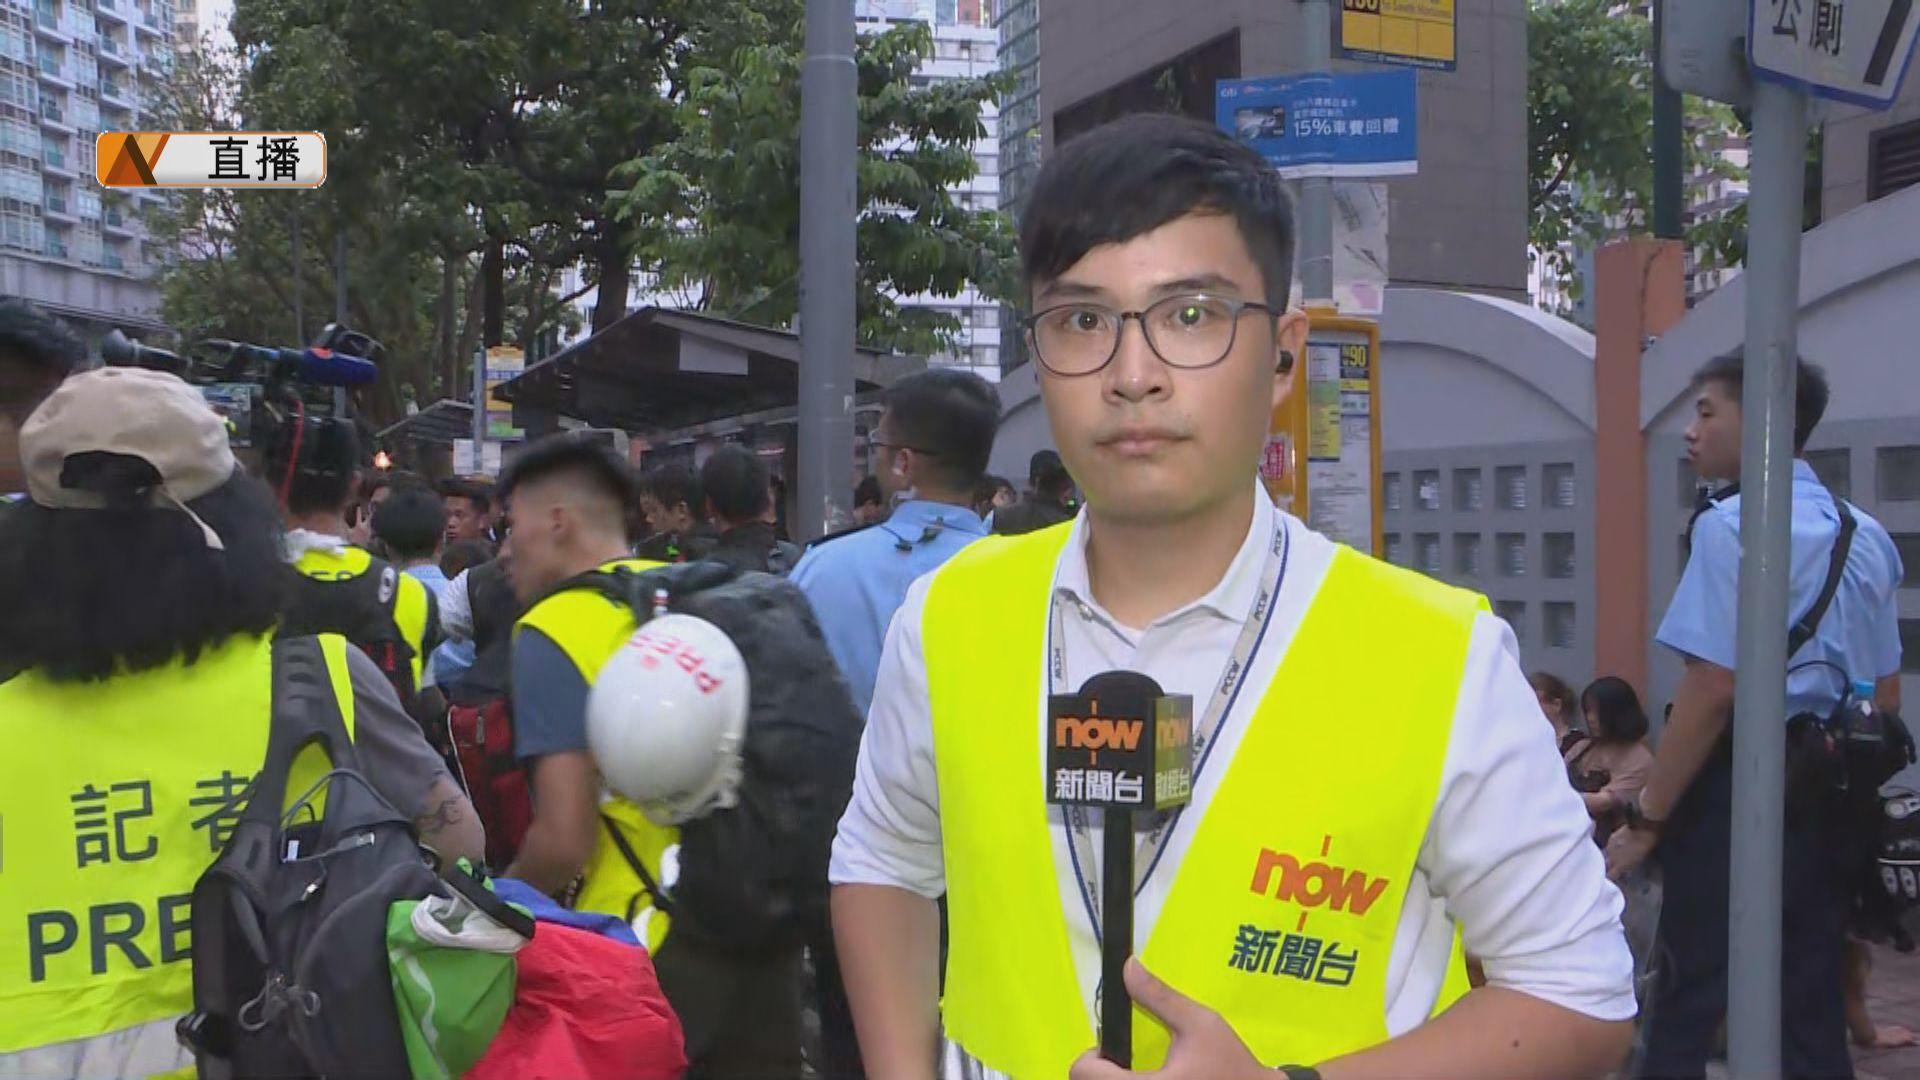 【現場報道‧莊士敦道】十多名示威者在修頓球場等候警方搜身